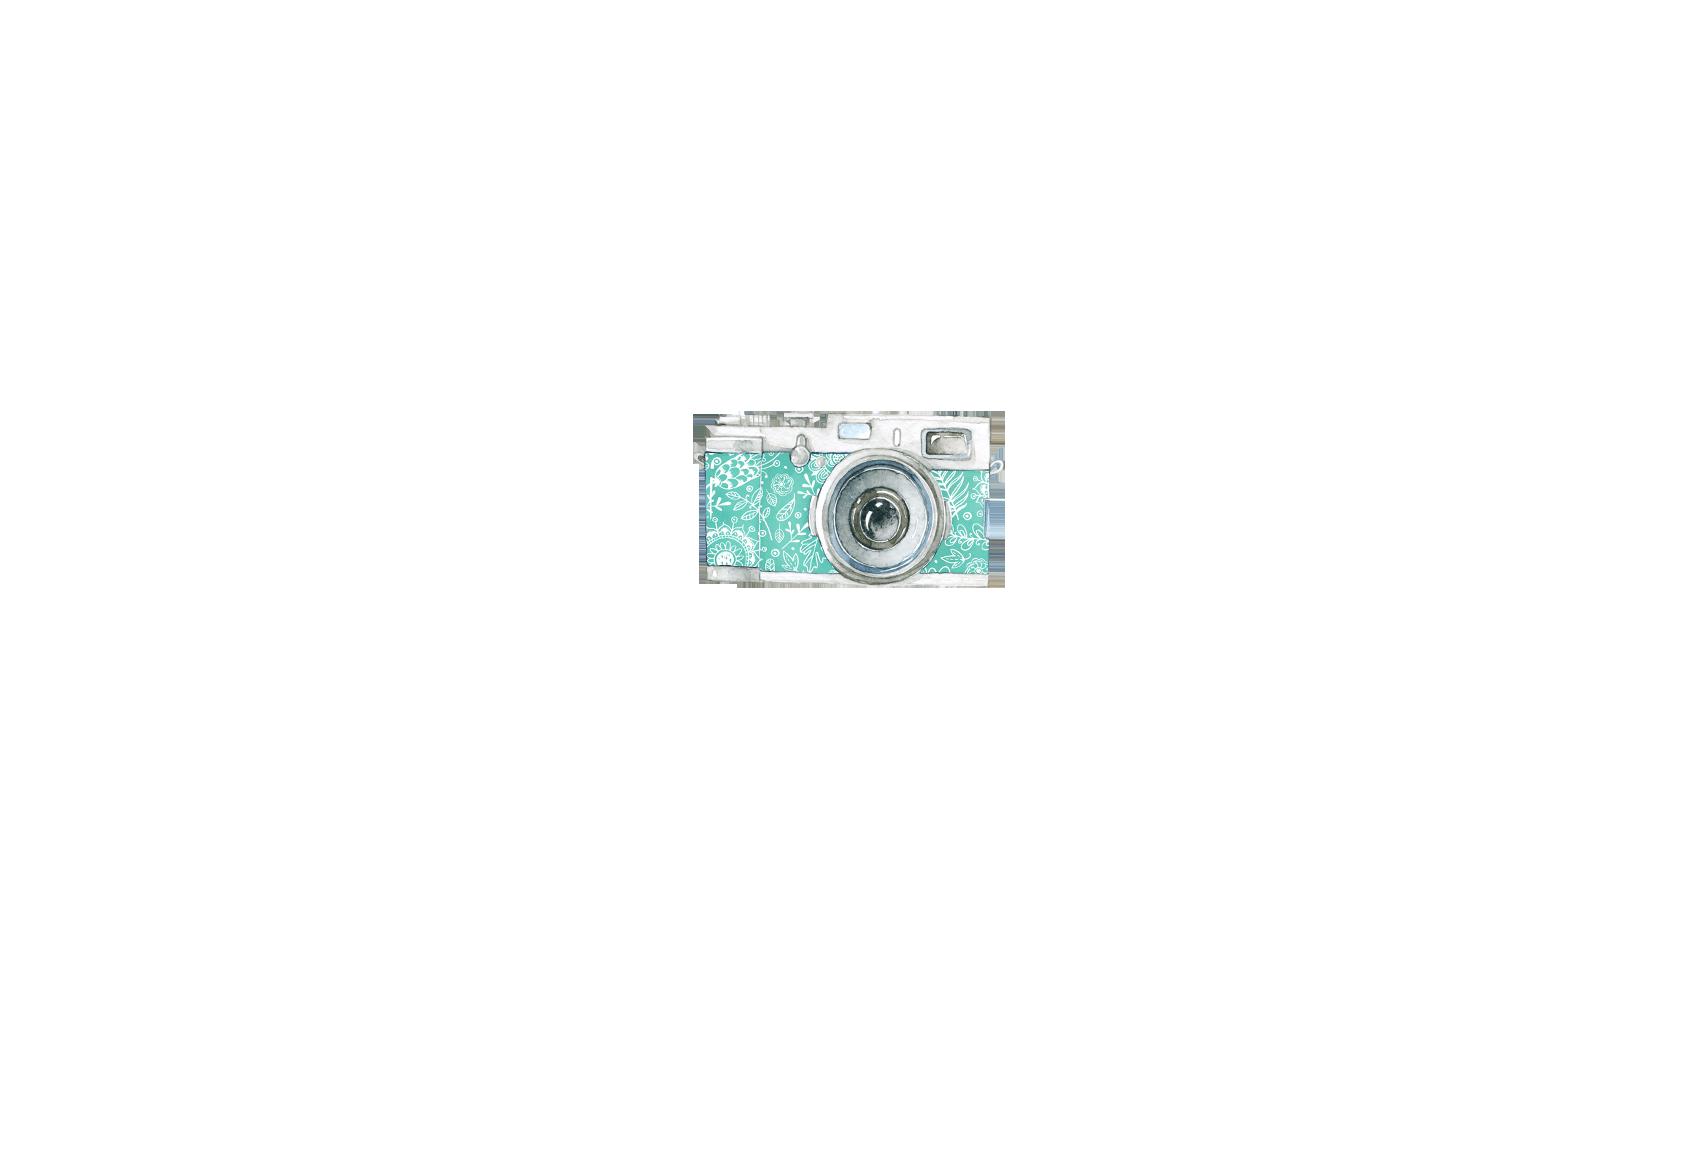 AQPhoto